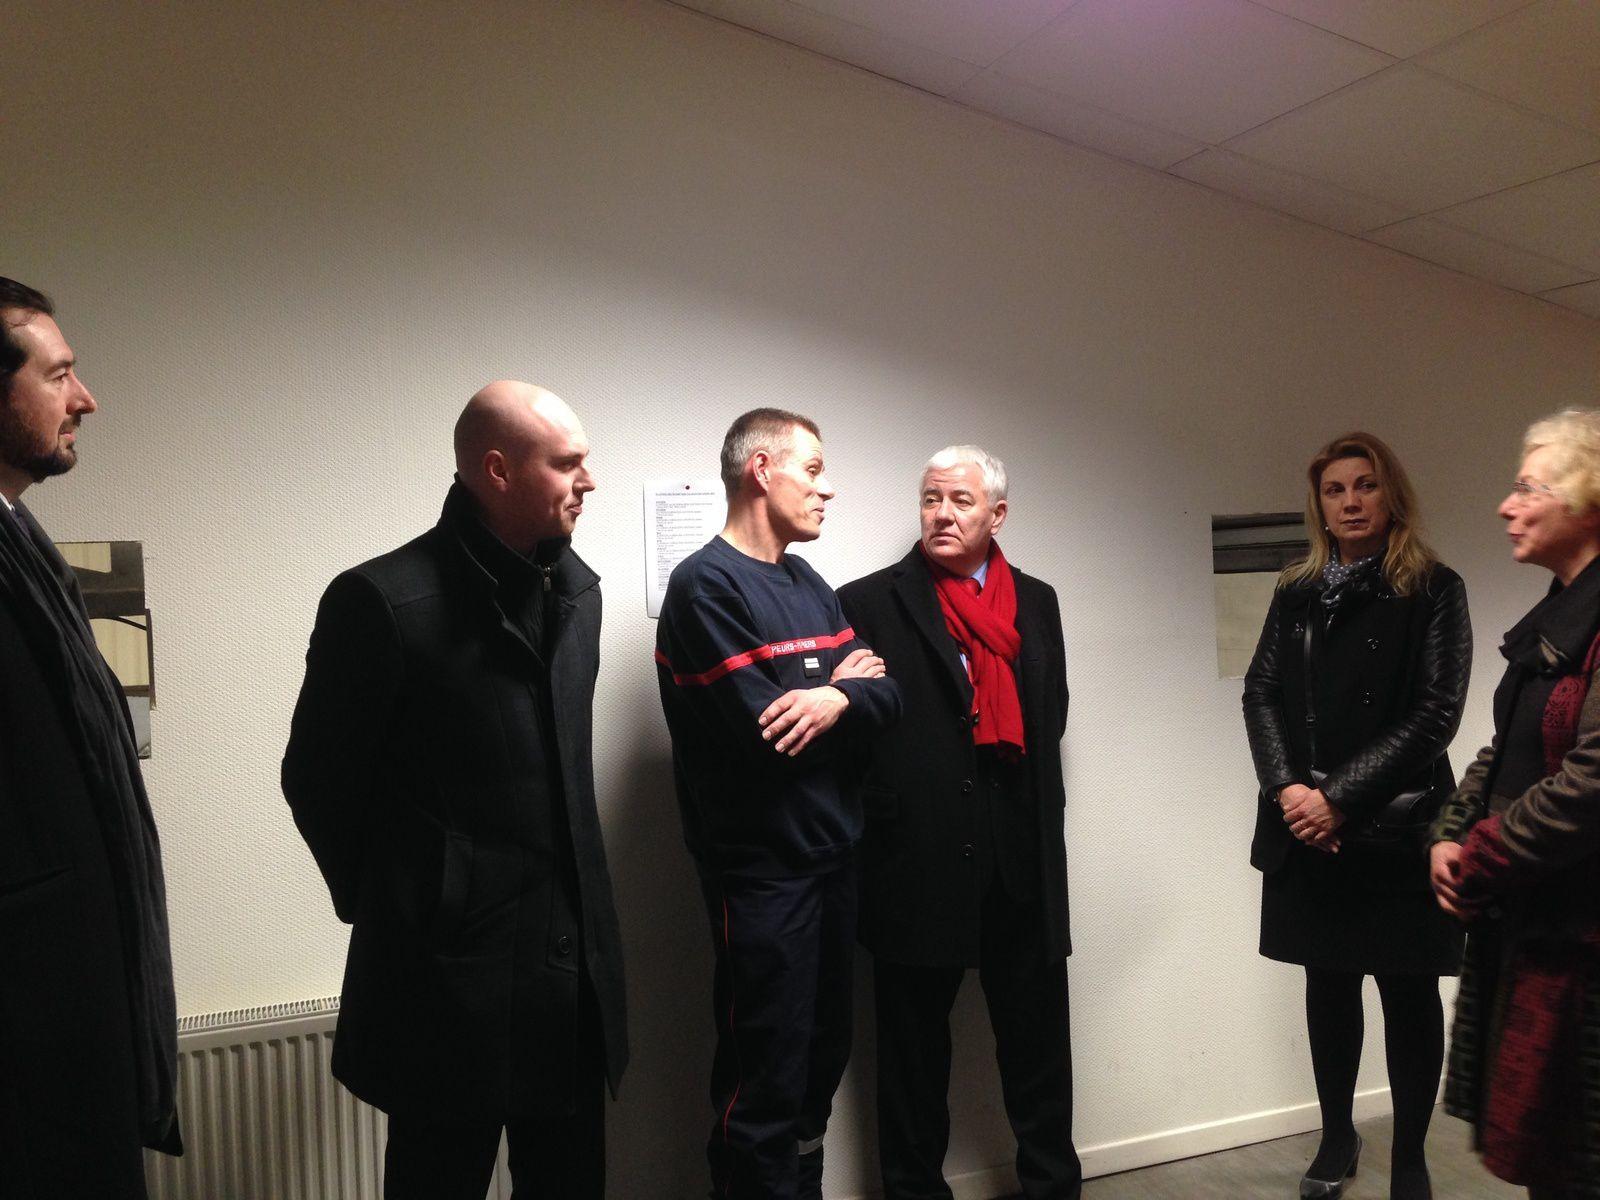 De gauche à droite : Mmes et Mrs Benoit Vandewalle, Julien Gokel, le président Magnier avec son écharpe, Isabelle Bultez et Sylvie Brachet, candidats aux départementales de mars, entourant le lieutenant Decreton.